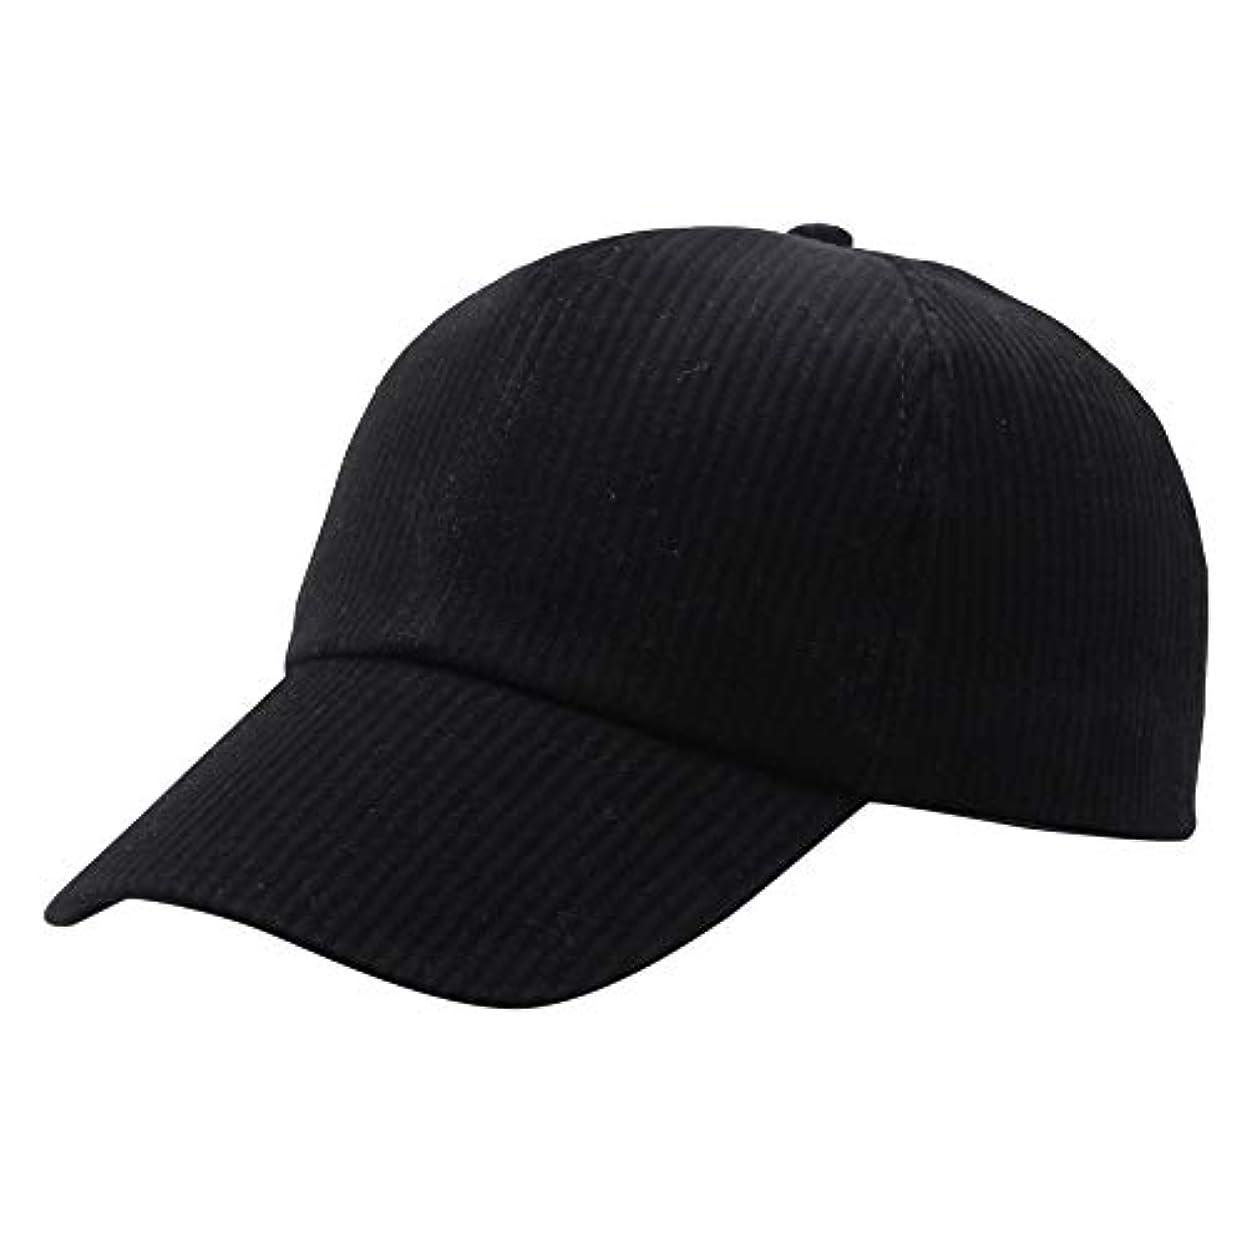 半球長々とぐったりRacazing Cap コーデュロイ 野球帽 迷彩 夏 登山 通気性のある メッシュ 帽子 ベルクロ 可調整可能 ストライプ 刺繍 棒球帽 UV 帽子 軽量 屋外 Unisex Hat (B)